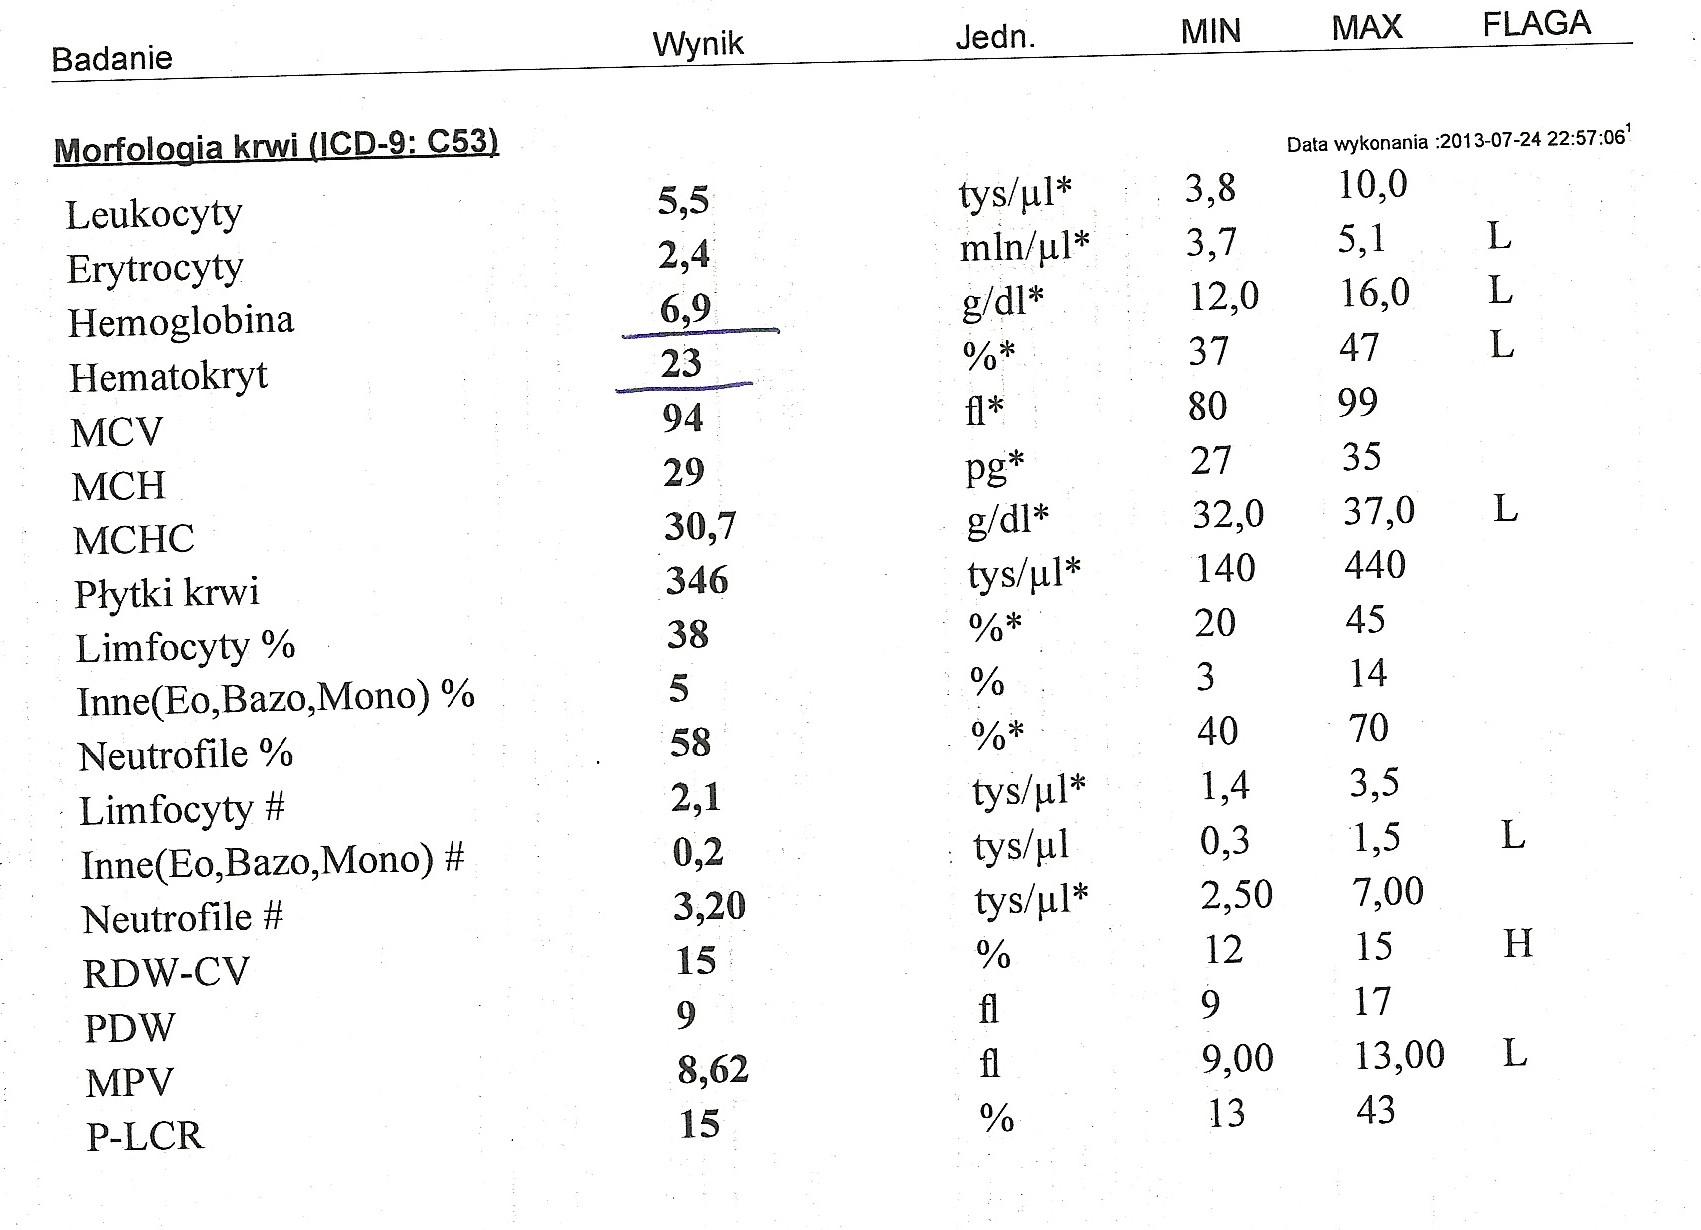 Glodne_pl-Karta informacyjna leczenia szpitalnego w oddziale psychiatrii (anorekcja, bulimia), morfologia krwi